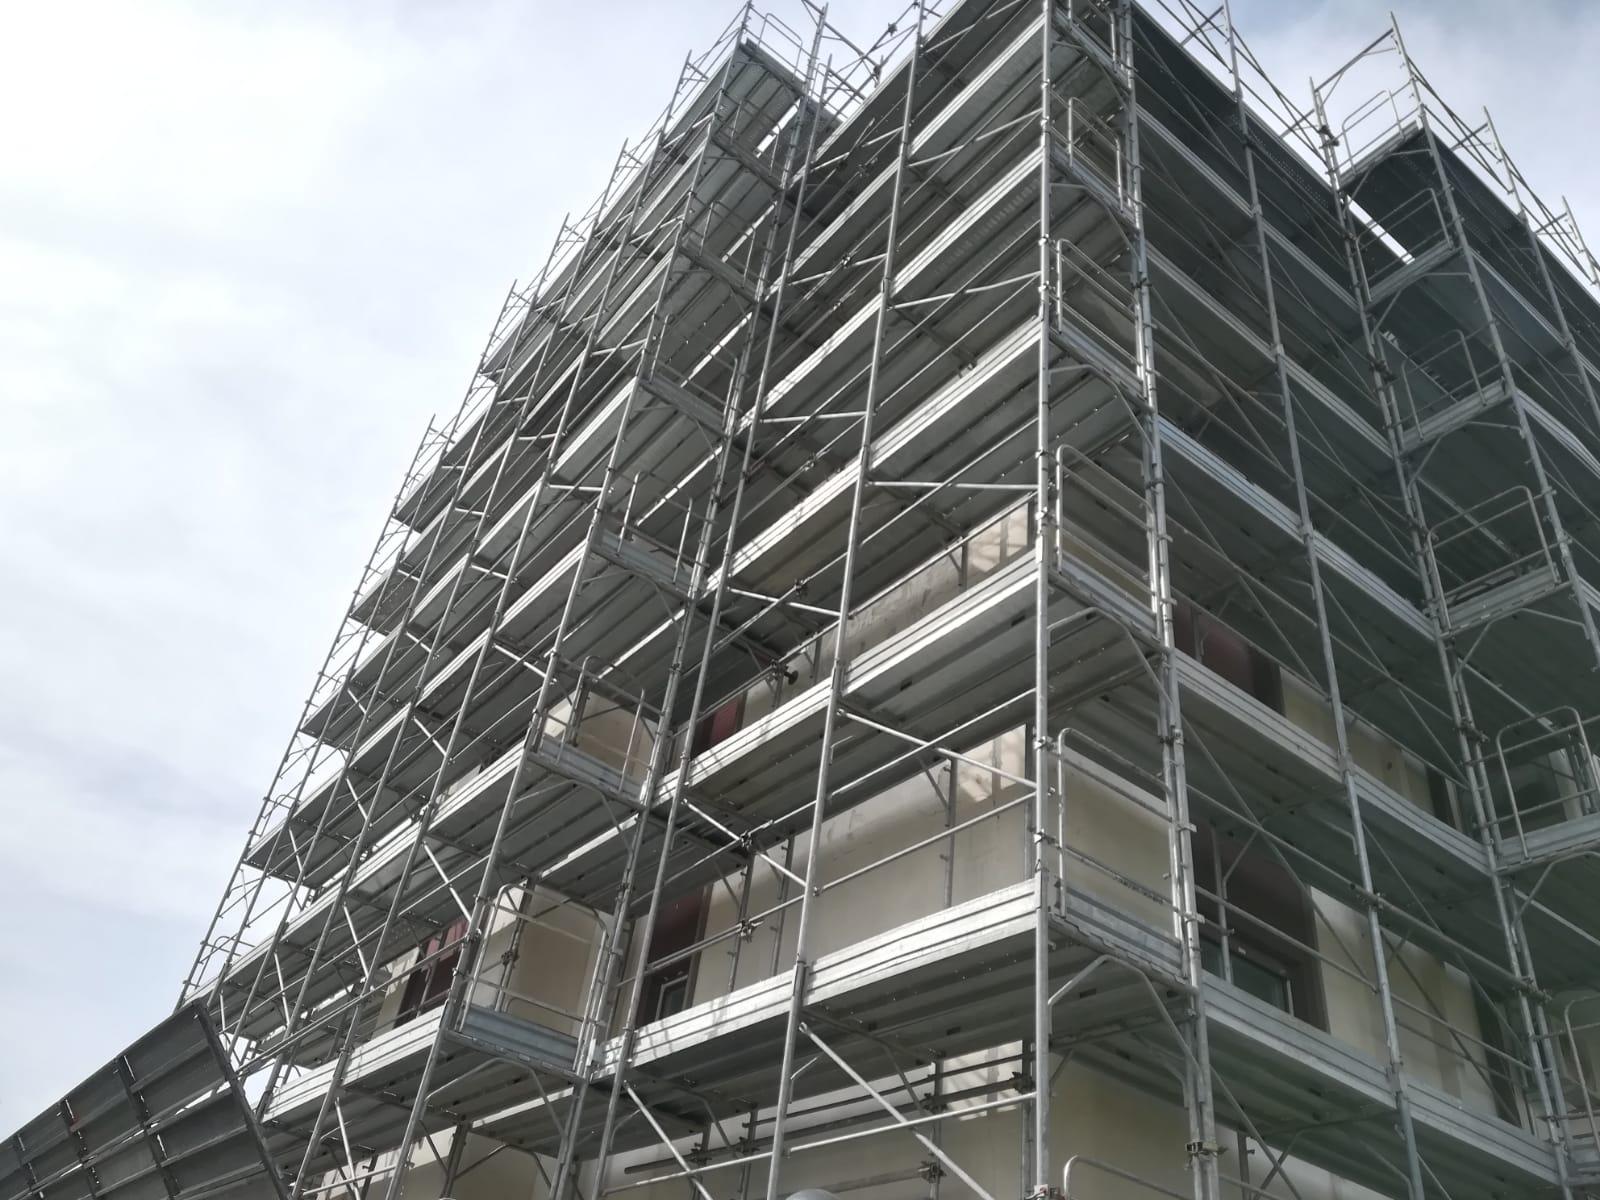 manutenzione-condomini-restauri-civili-indistriali-latina-impalcature